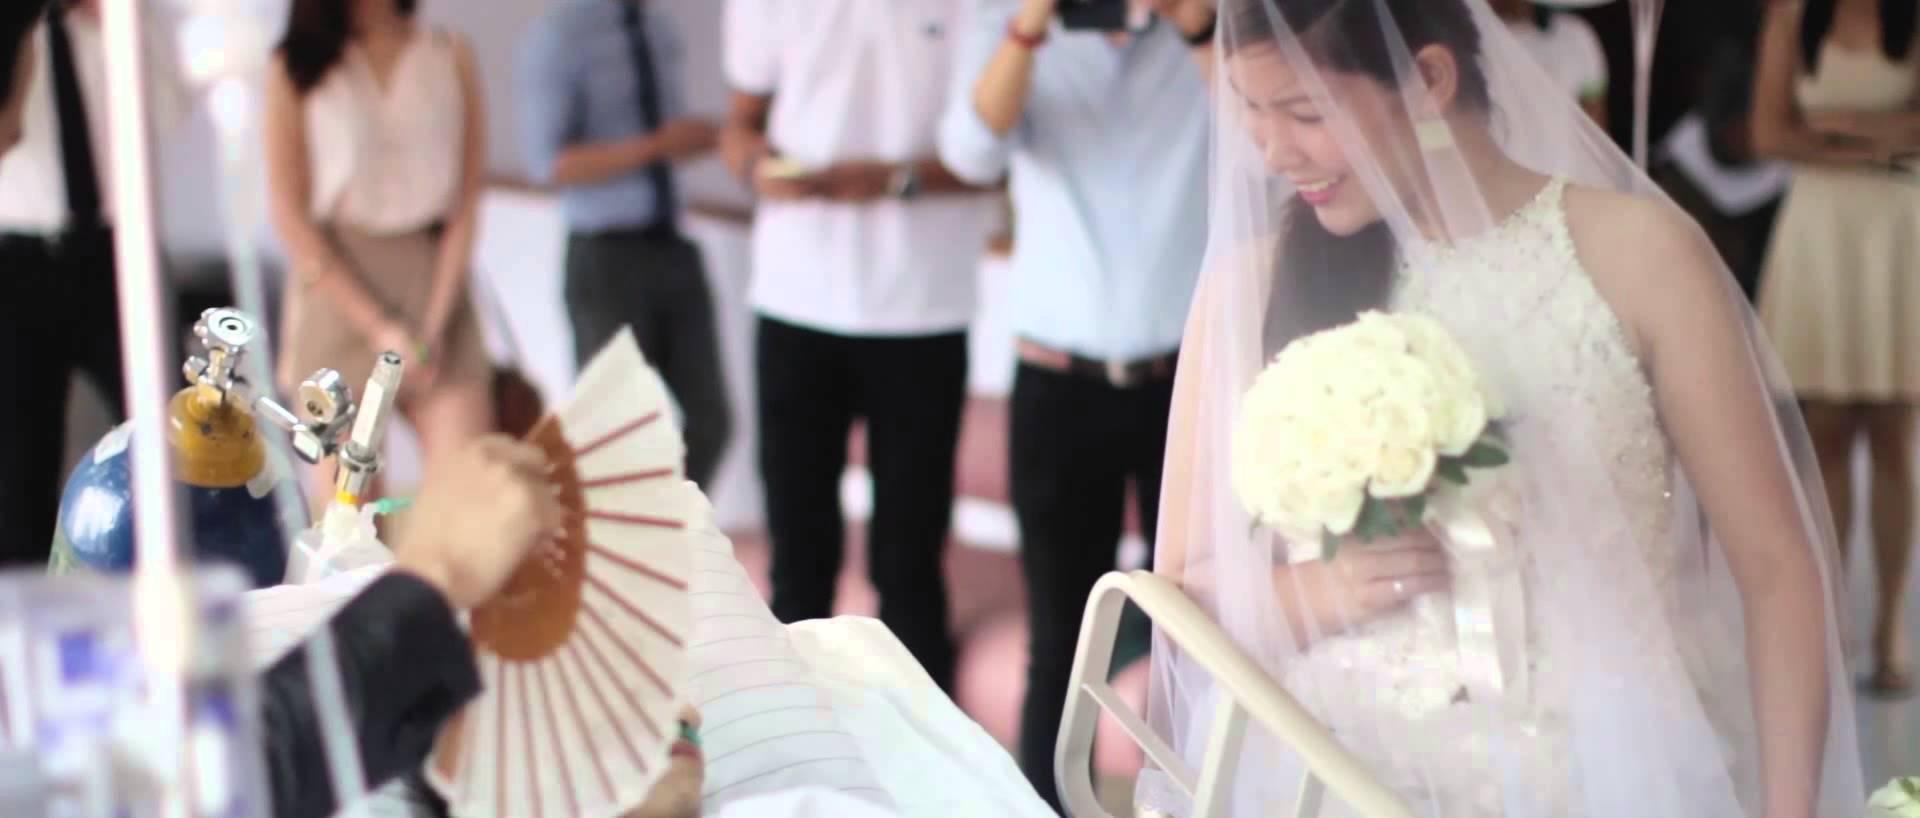 とても切ない、涙が止まらない結婚式